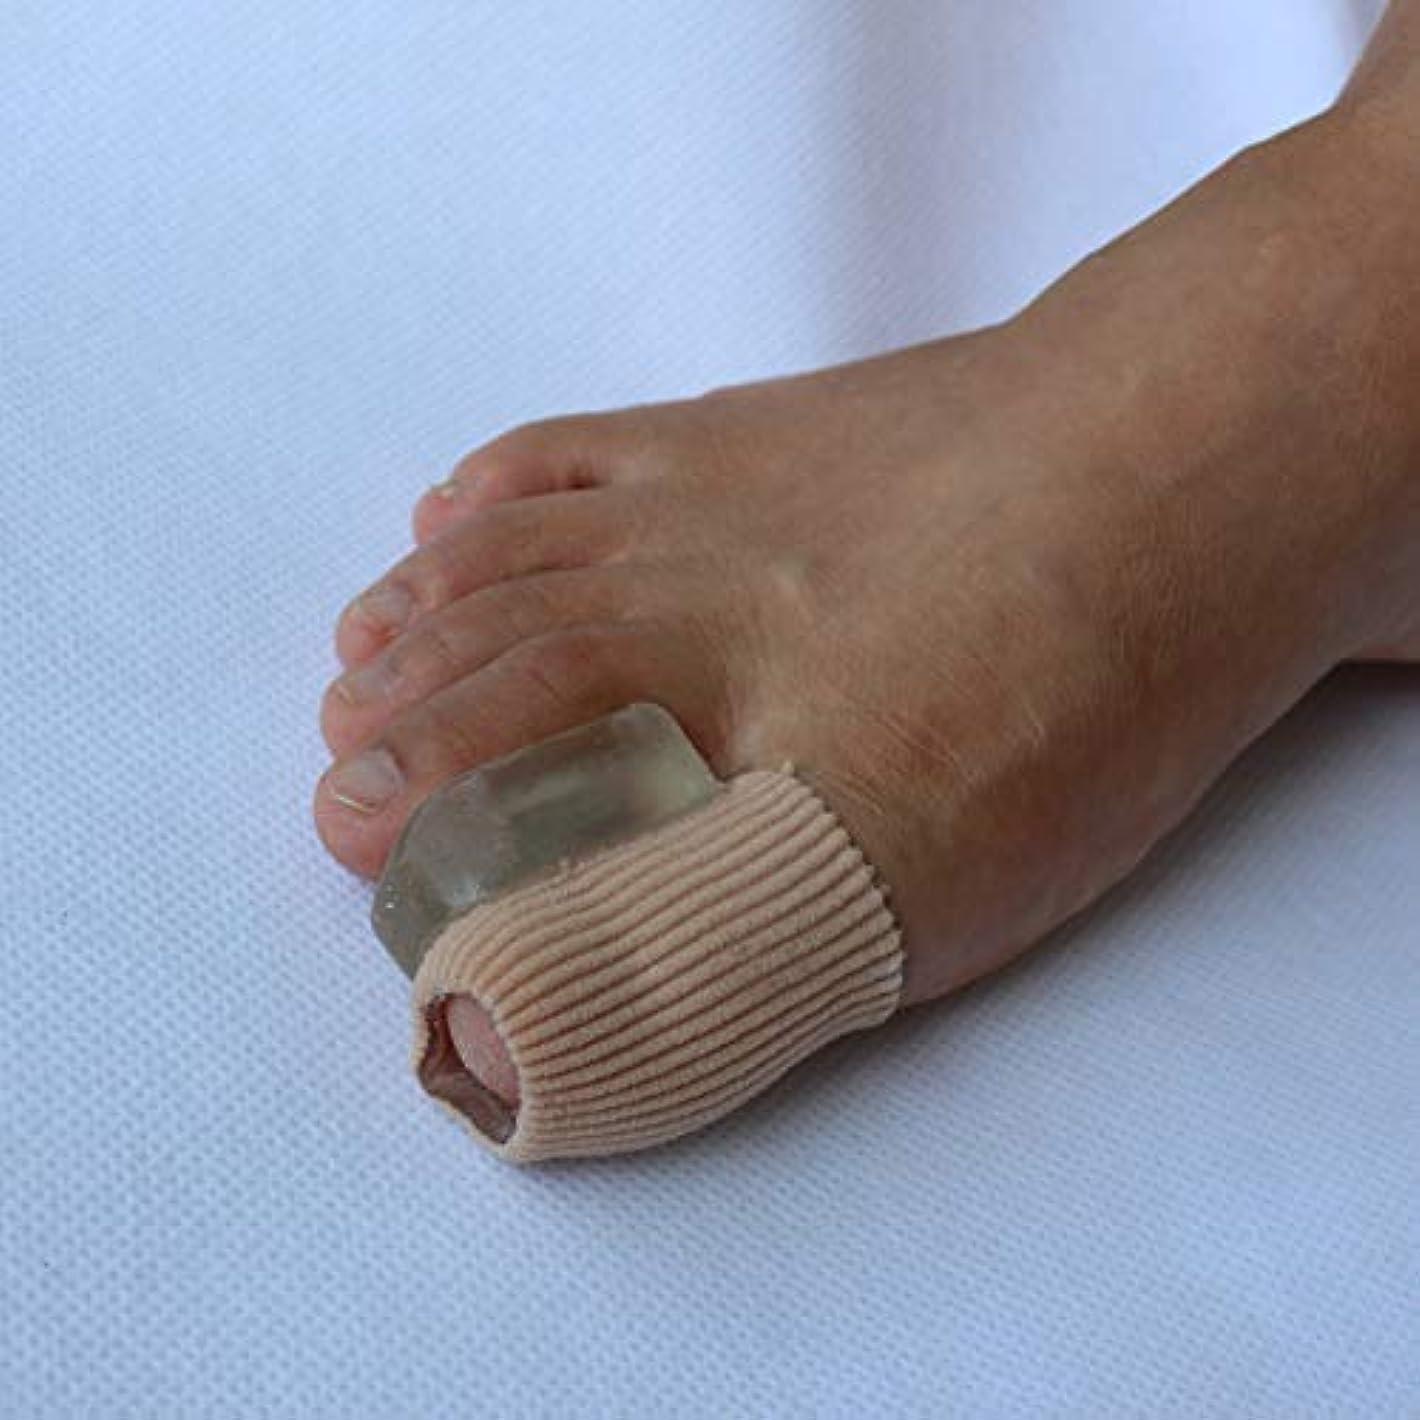 後ろにルーム感情Gel Toe Separators Bunion Corrector for Overlapping Toe Fabric Toe Spacers with Soft Gel Lining for Hallux Valgus